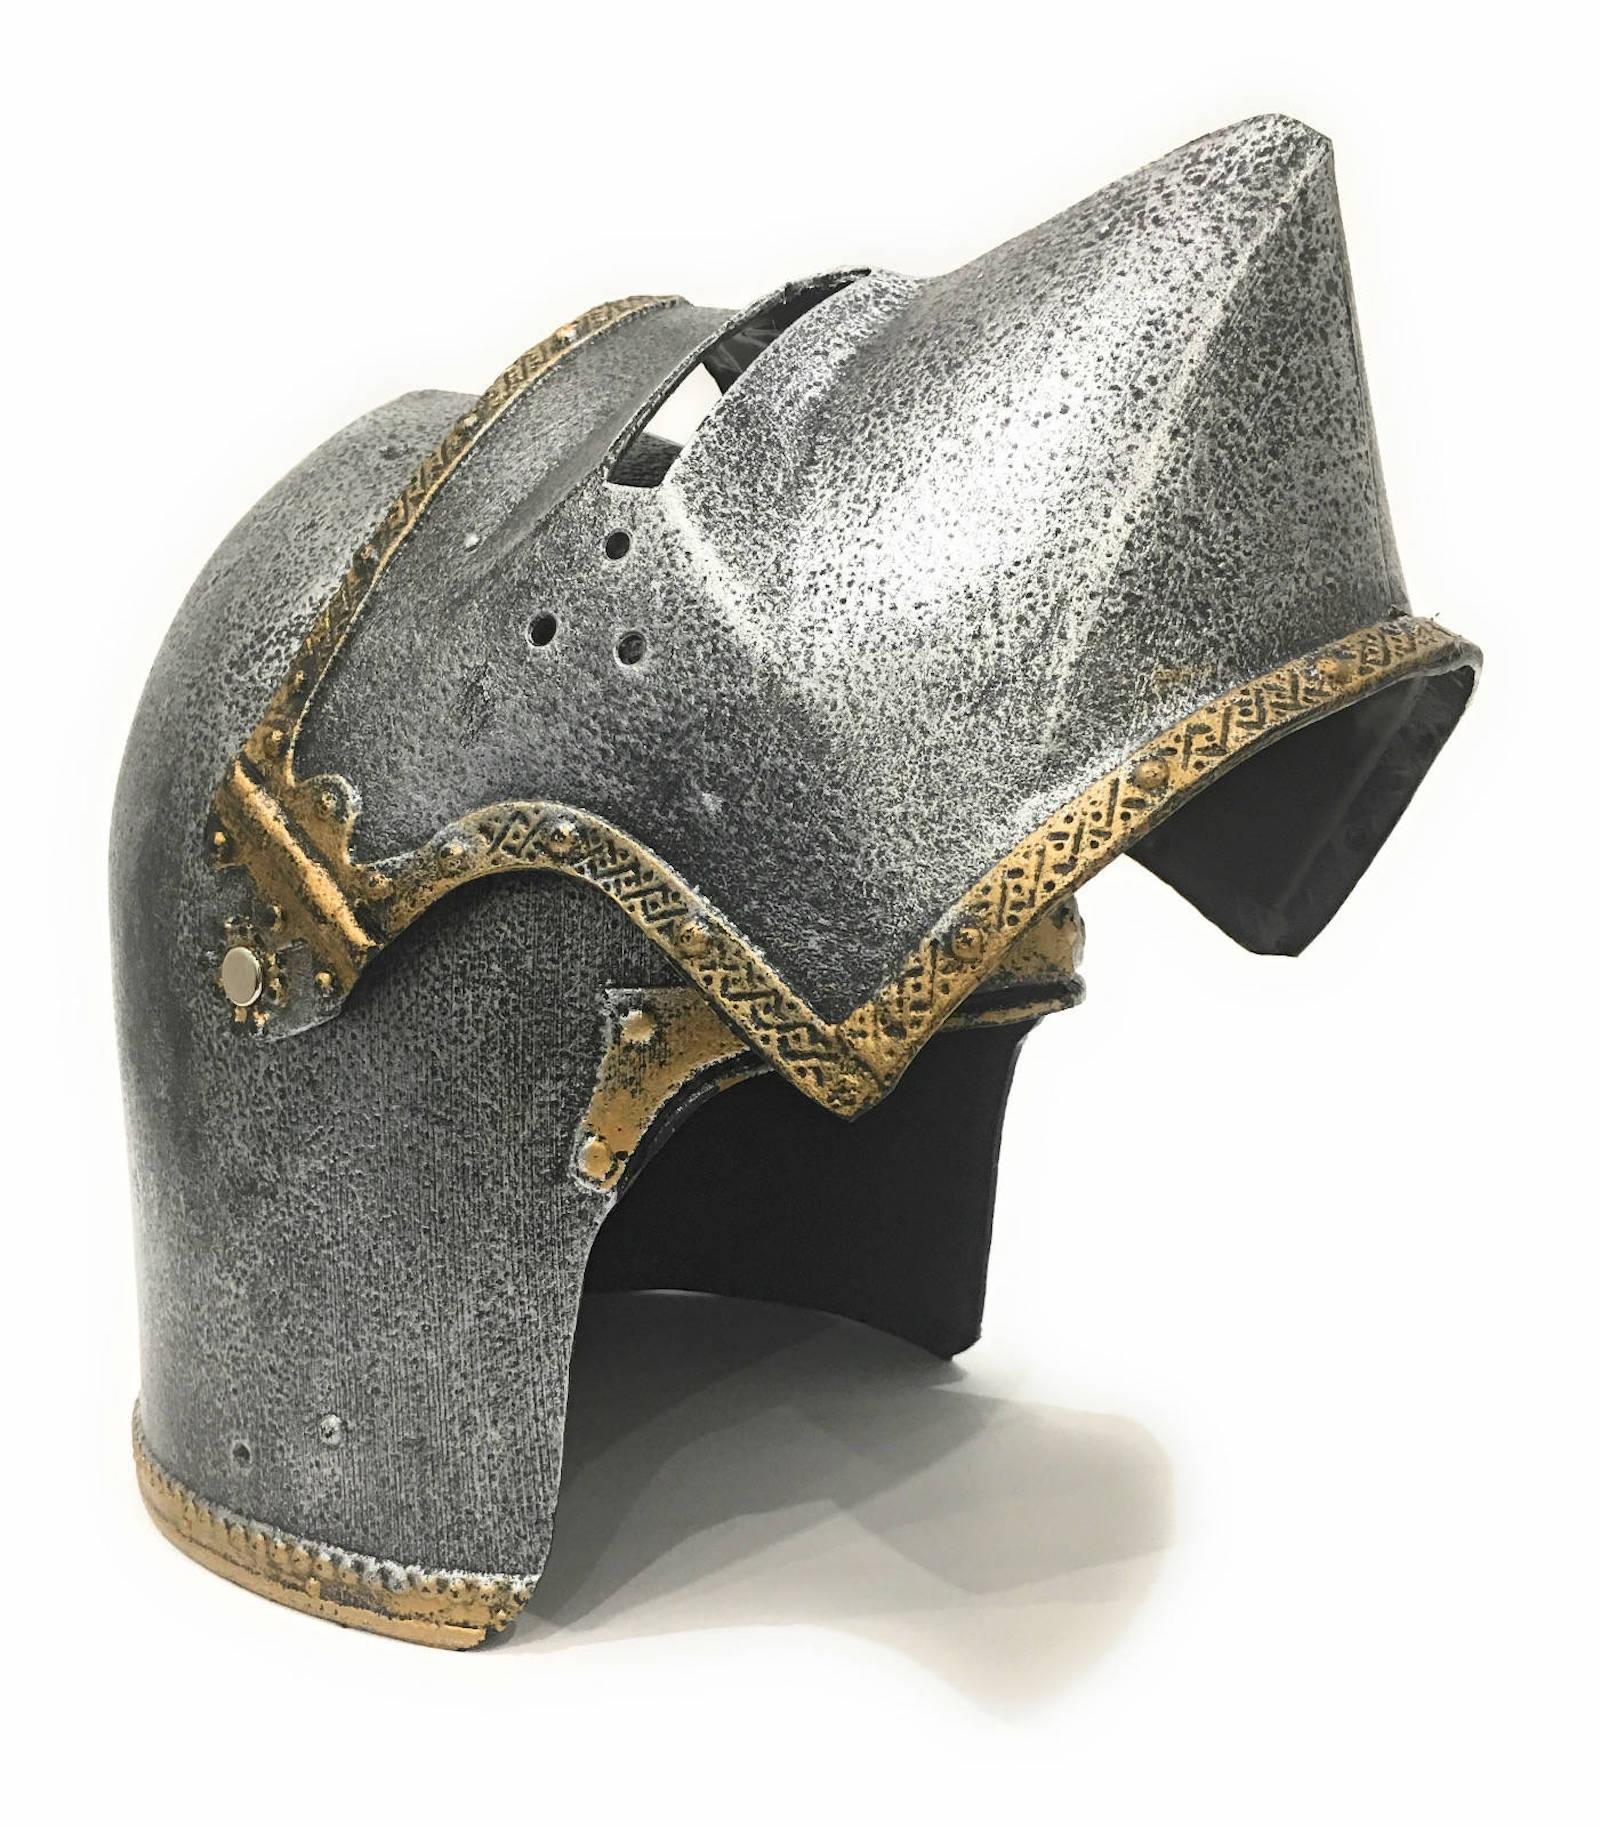 Шлем Собачья МордаШлем Хундс гугель (нем.) или Собачья морда с поднимающимся и опускающимся забралом. Обеспечивает полную защиту головы и лица.